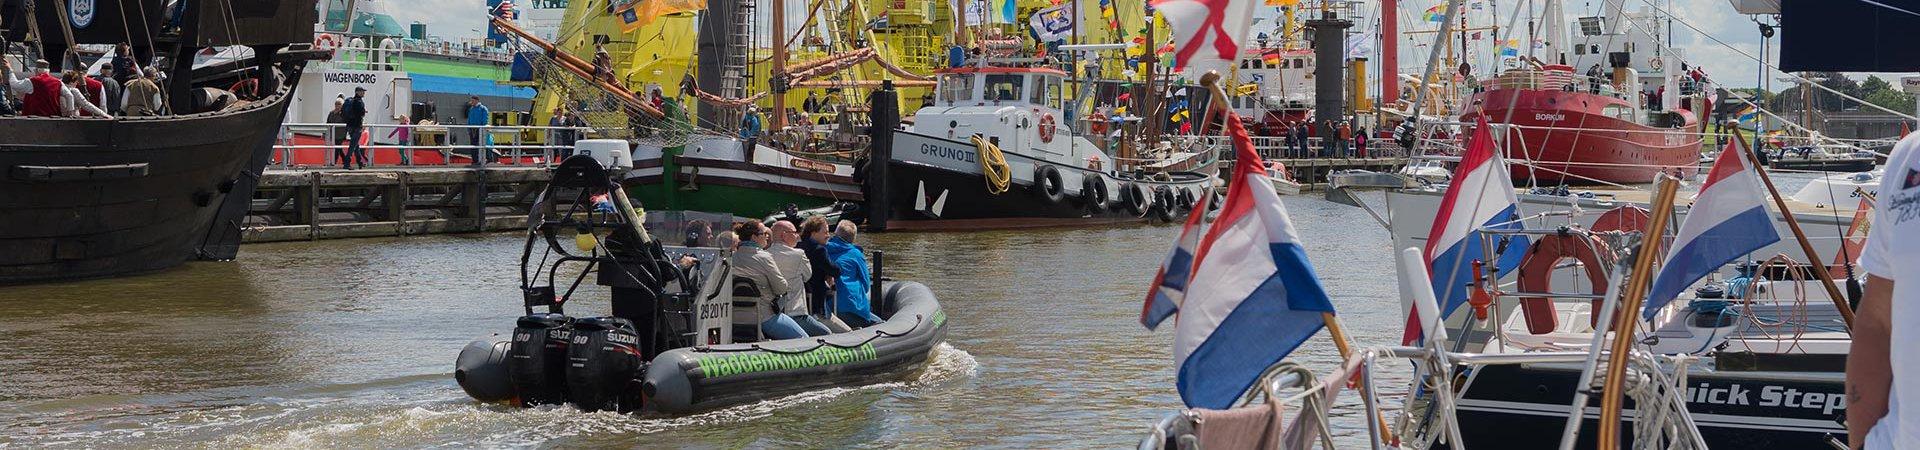 Waddenribtochten Rondvaarten tijdens evenementen op het water